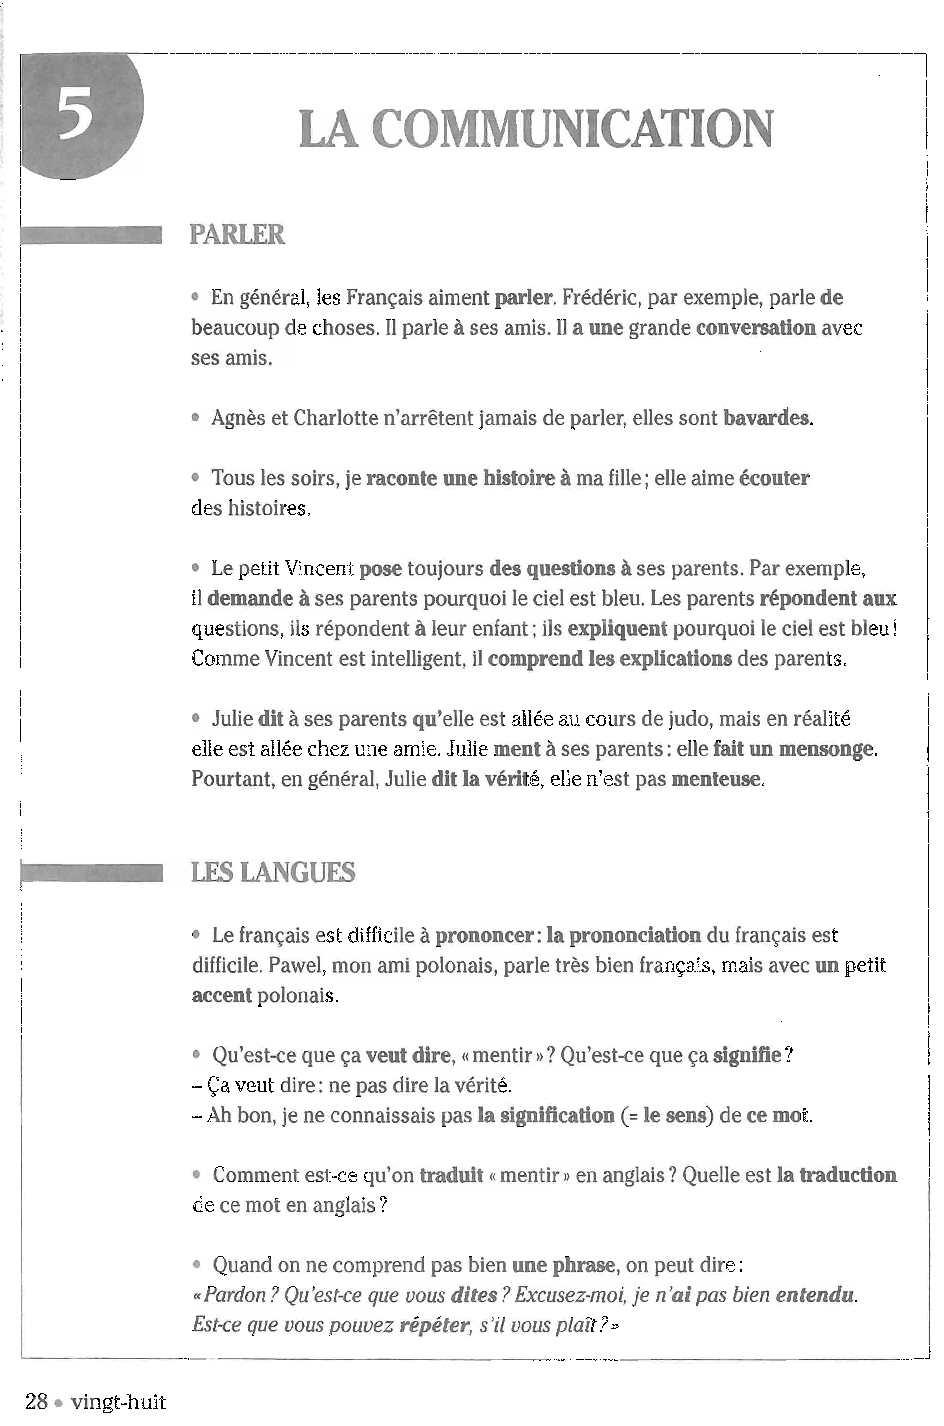 Que Veut Dire Download En Francais : download, francais, Vocabulaire, Progressif, Francais, Debutant, (livre, +corriges), CALAMEO, Downloader